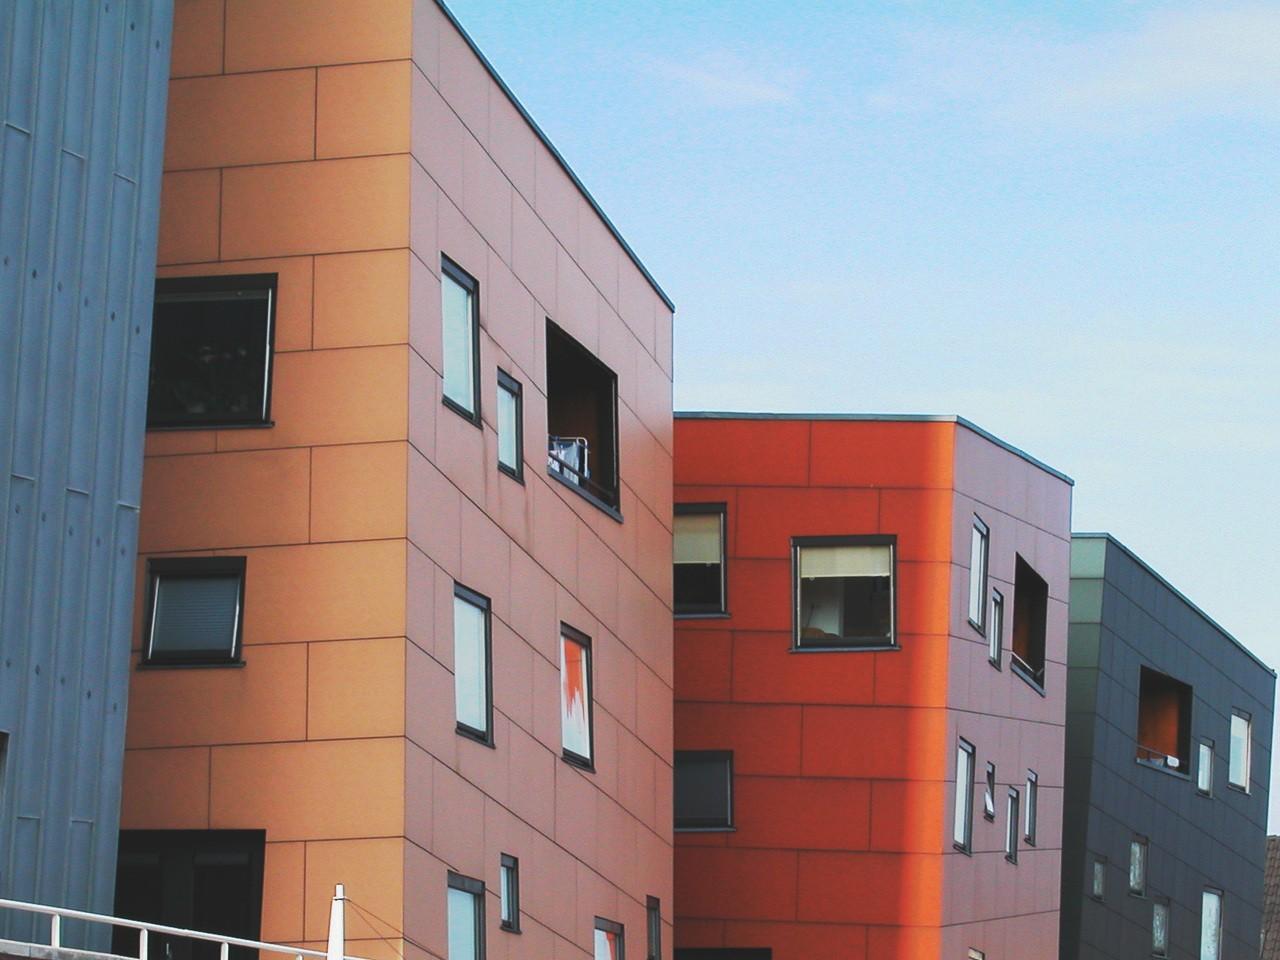 Jakie korzyści daje nam ubezpieczenie mieszkania?